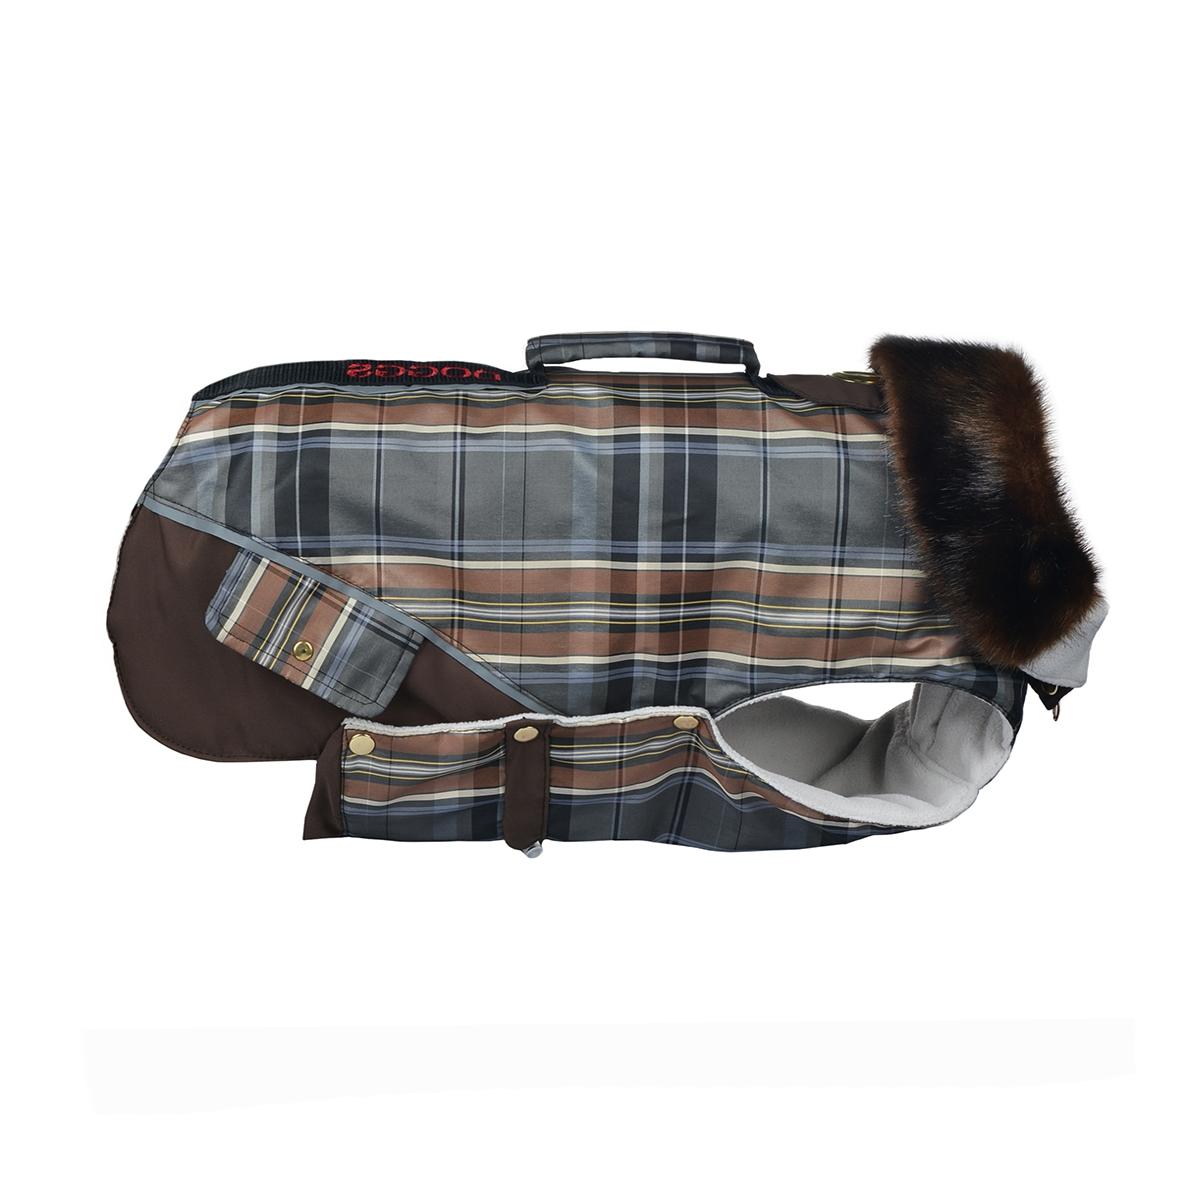 Попона для собак Dogmoda Doggs, для девочки, цвет: коричневый. Размер LDM-140549_коричневаяТеплая попона для собак Dogmoda Doggs отлично подойдет для прогулок в холодное время года. Попона изготовлена из водоотталкивающего полиэстера, защищающего от ветра и осадков. Синтепоновый утеплитель сохранит тепло даже в сильные морозы и обеспечит уют во время зимних прогулок. На подкладке используется флис, который обеспечивает воздухообмен. Попона не имеет рукавов, поэтому не ограничивает свободу движений, и собака будет чувствовать себя в ней комфортно. Стильный меховой воротник-стойка на молнии всегда будет обращать на себя восторженное внимание других владельцев собак. Модель застегивается на кнопки. На животе попона затягивается на шнурок-кулиску с зажимом. Спинка декорирована вышитой надписью Doggs, оснащена светоотражающими элементами и ручкой. Модель снабжена непромокаемым карманом для размещения записки с информацией о вашем питомце, на случай если он потеряется. Благодаря такой попоне питомцу будет тепло и комфортно.